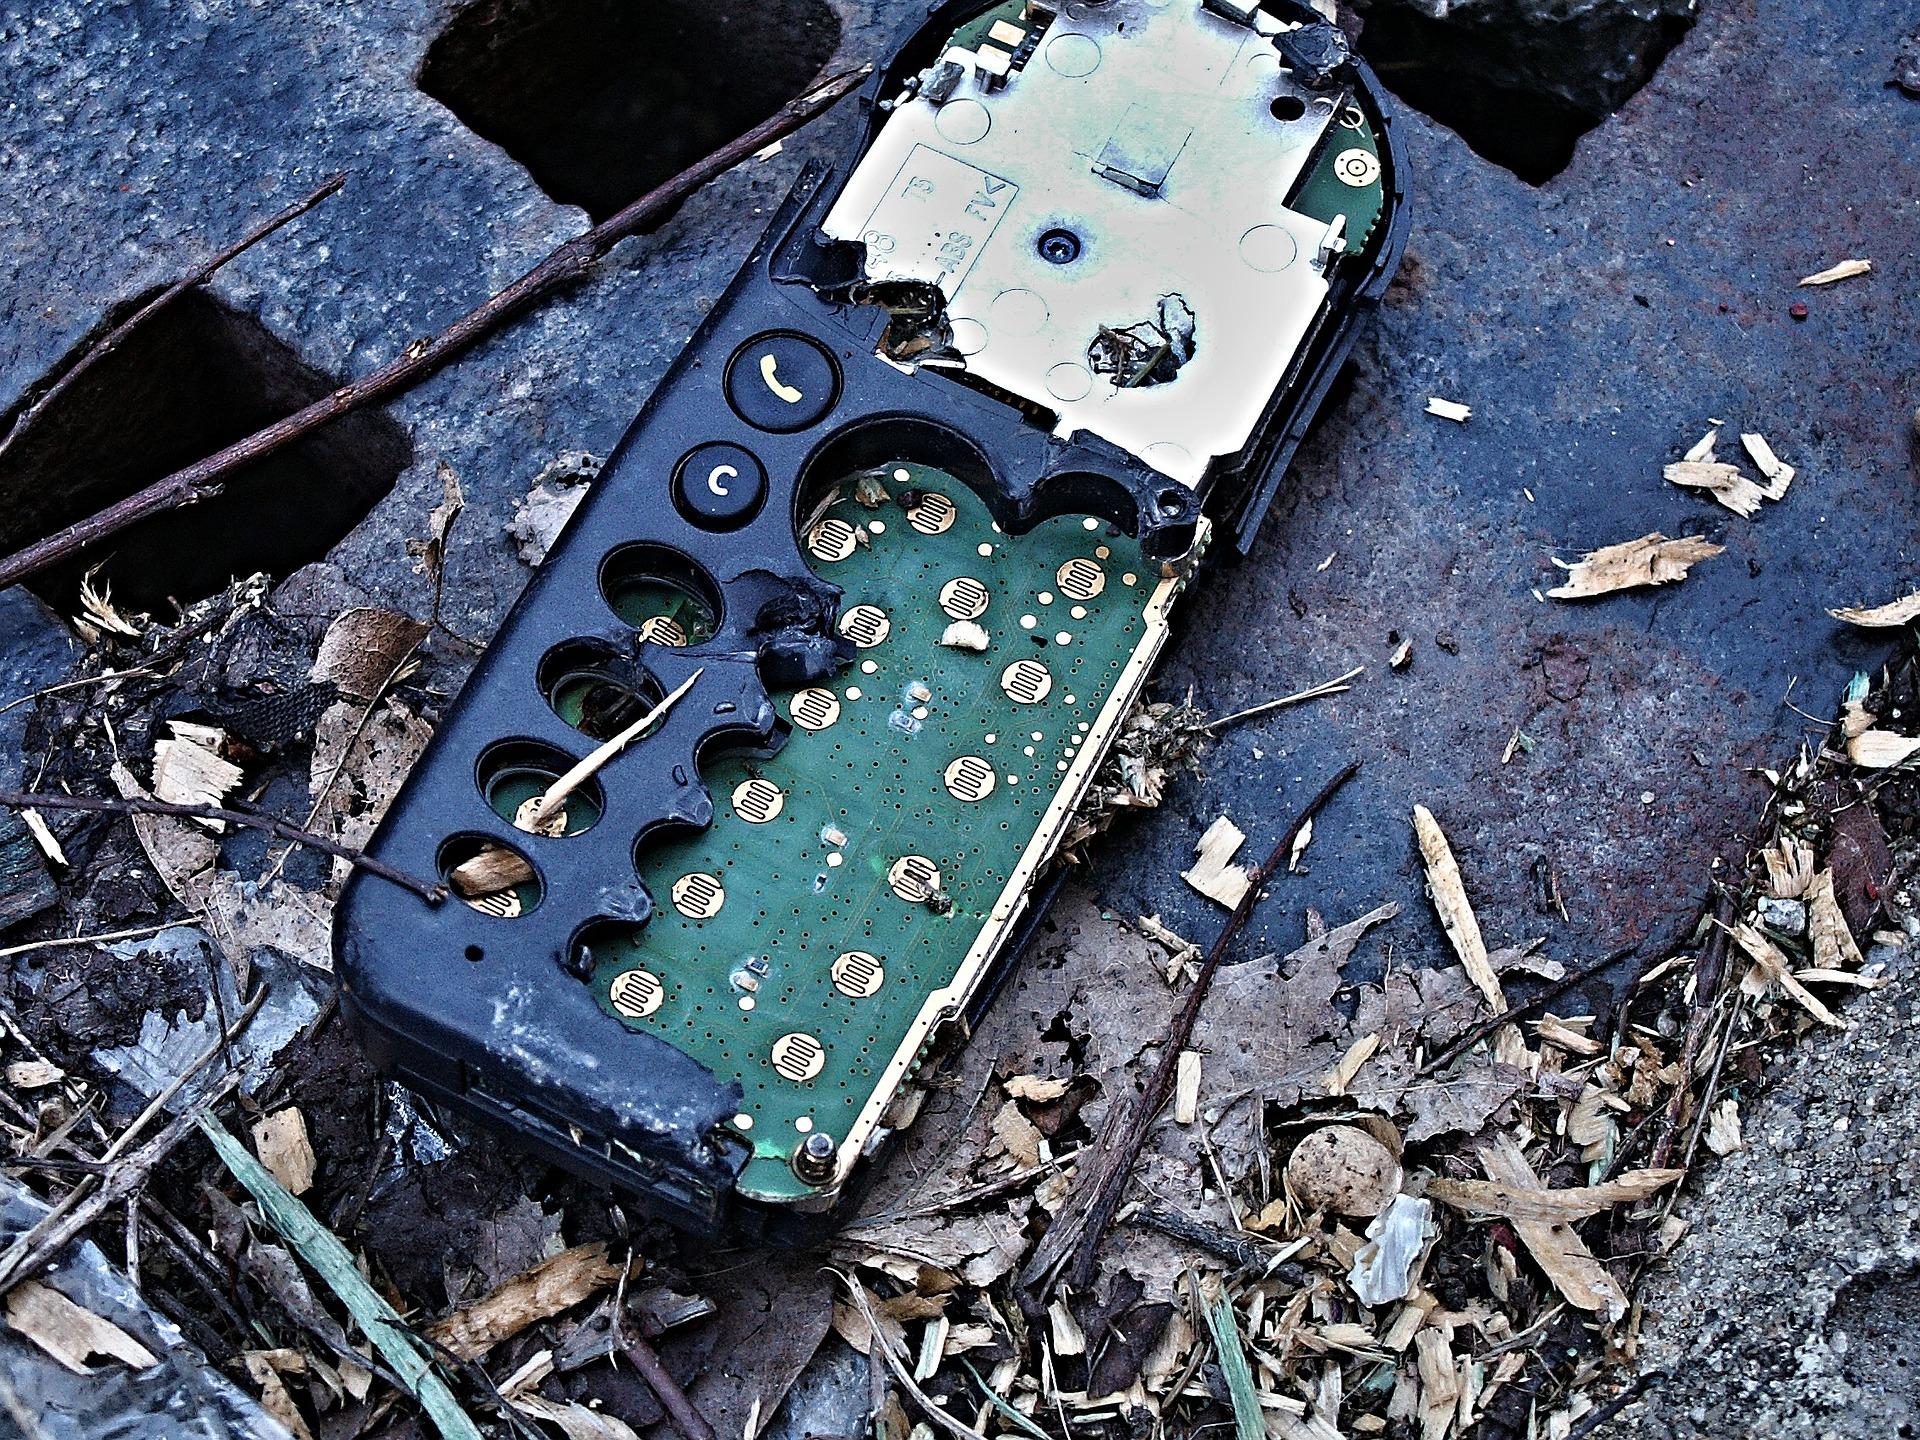 Krijg statiegeld voor jouw oude mobiele telefoon